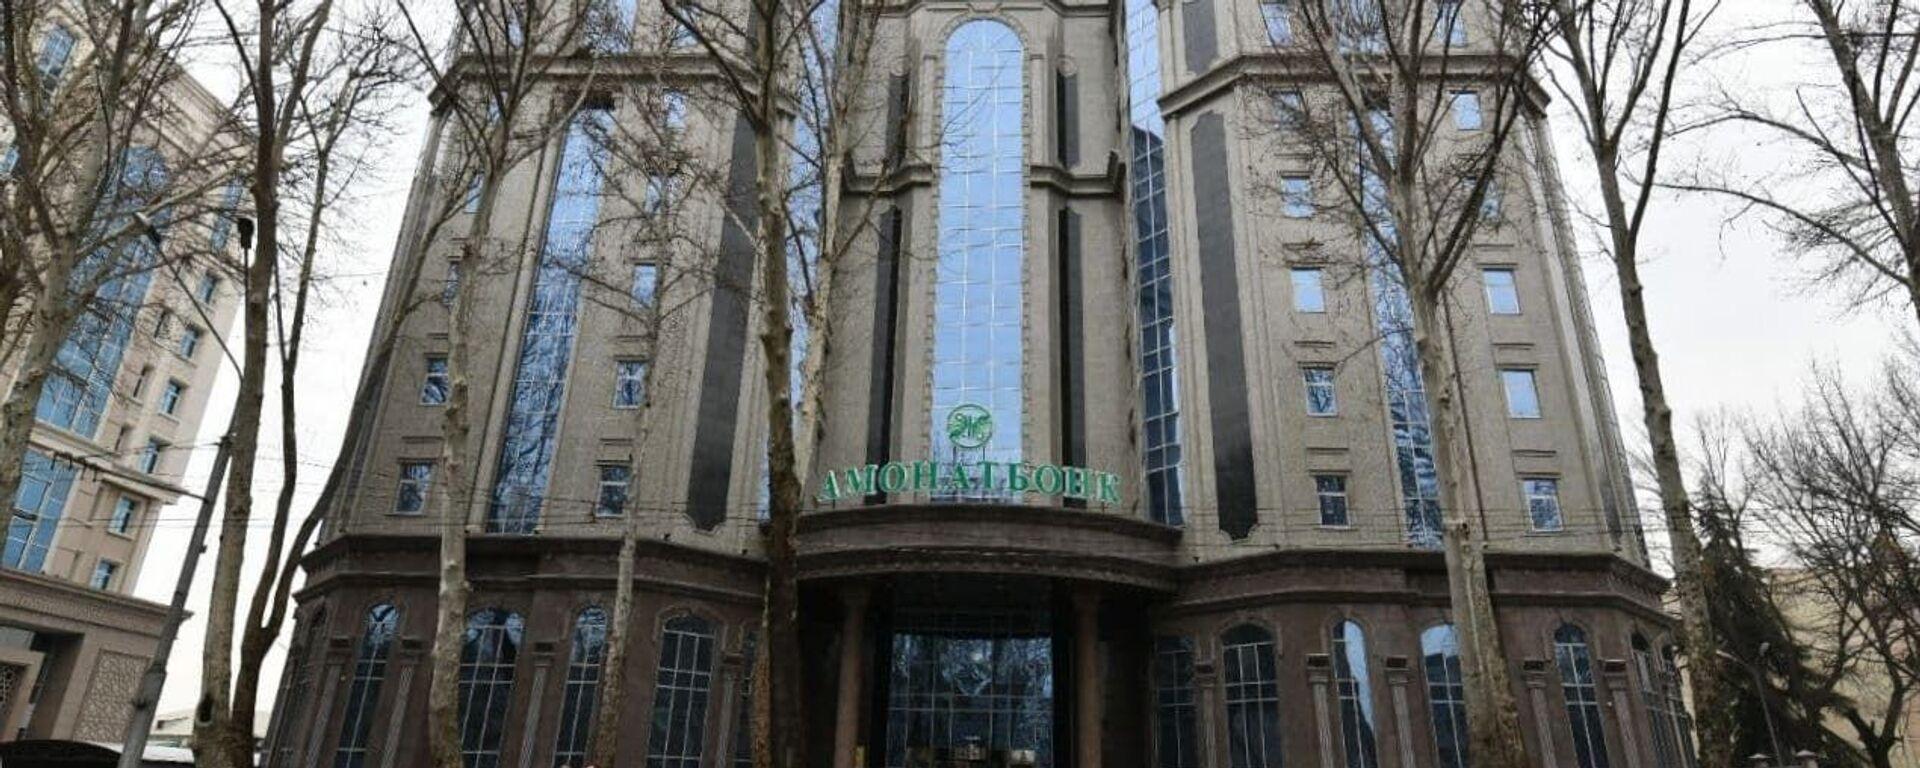 Здание Амонатбанка в Душанбе - Sputnik Таджикистан, 1920, 02.07.2021